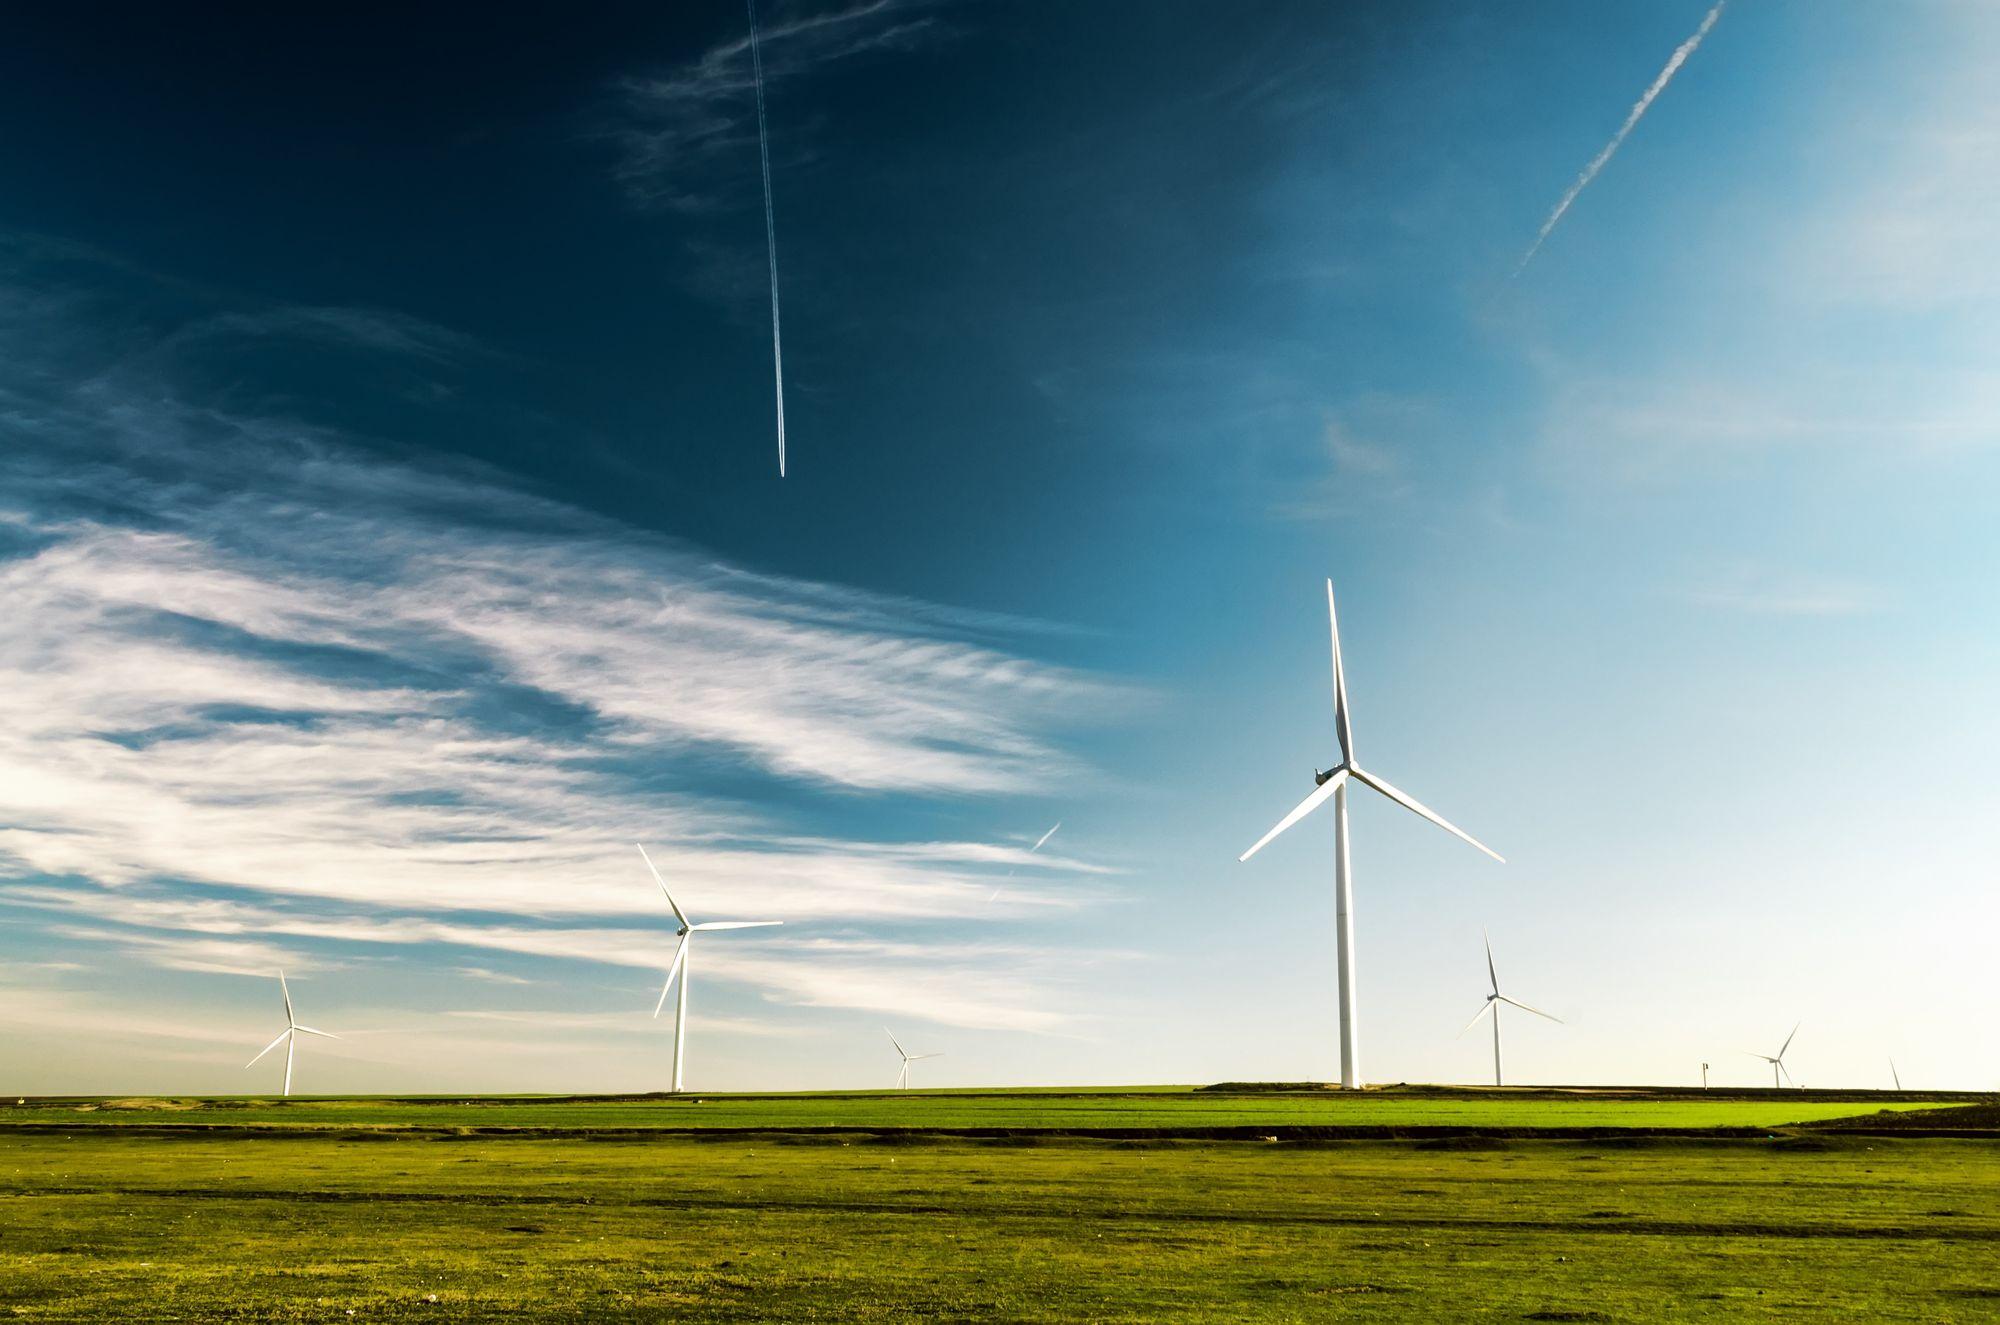 Bæredygtig investering: Investering i klima og en bedre verden